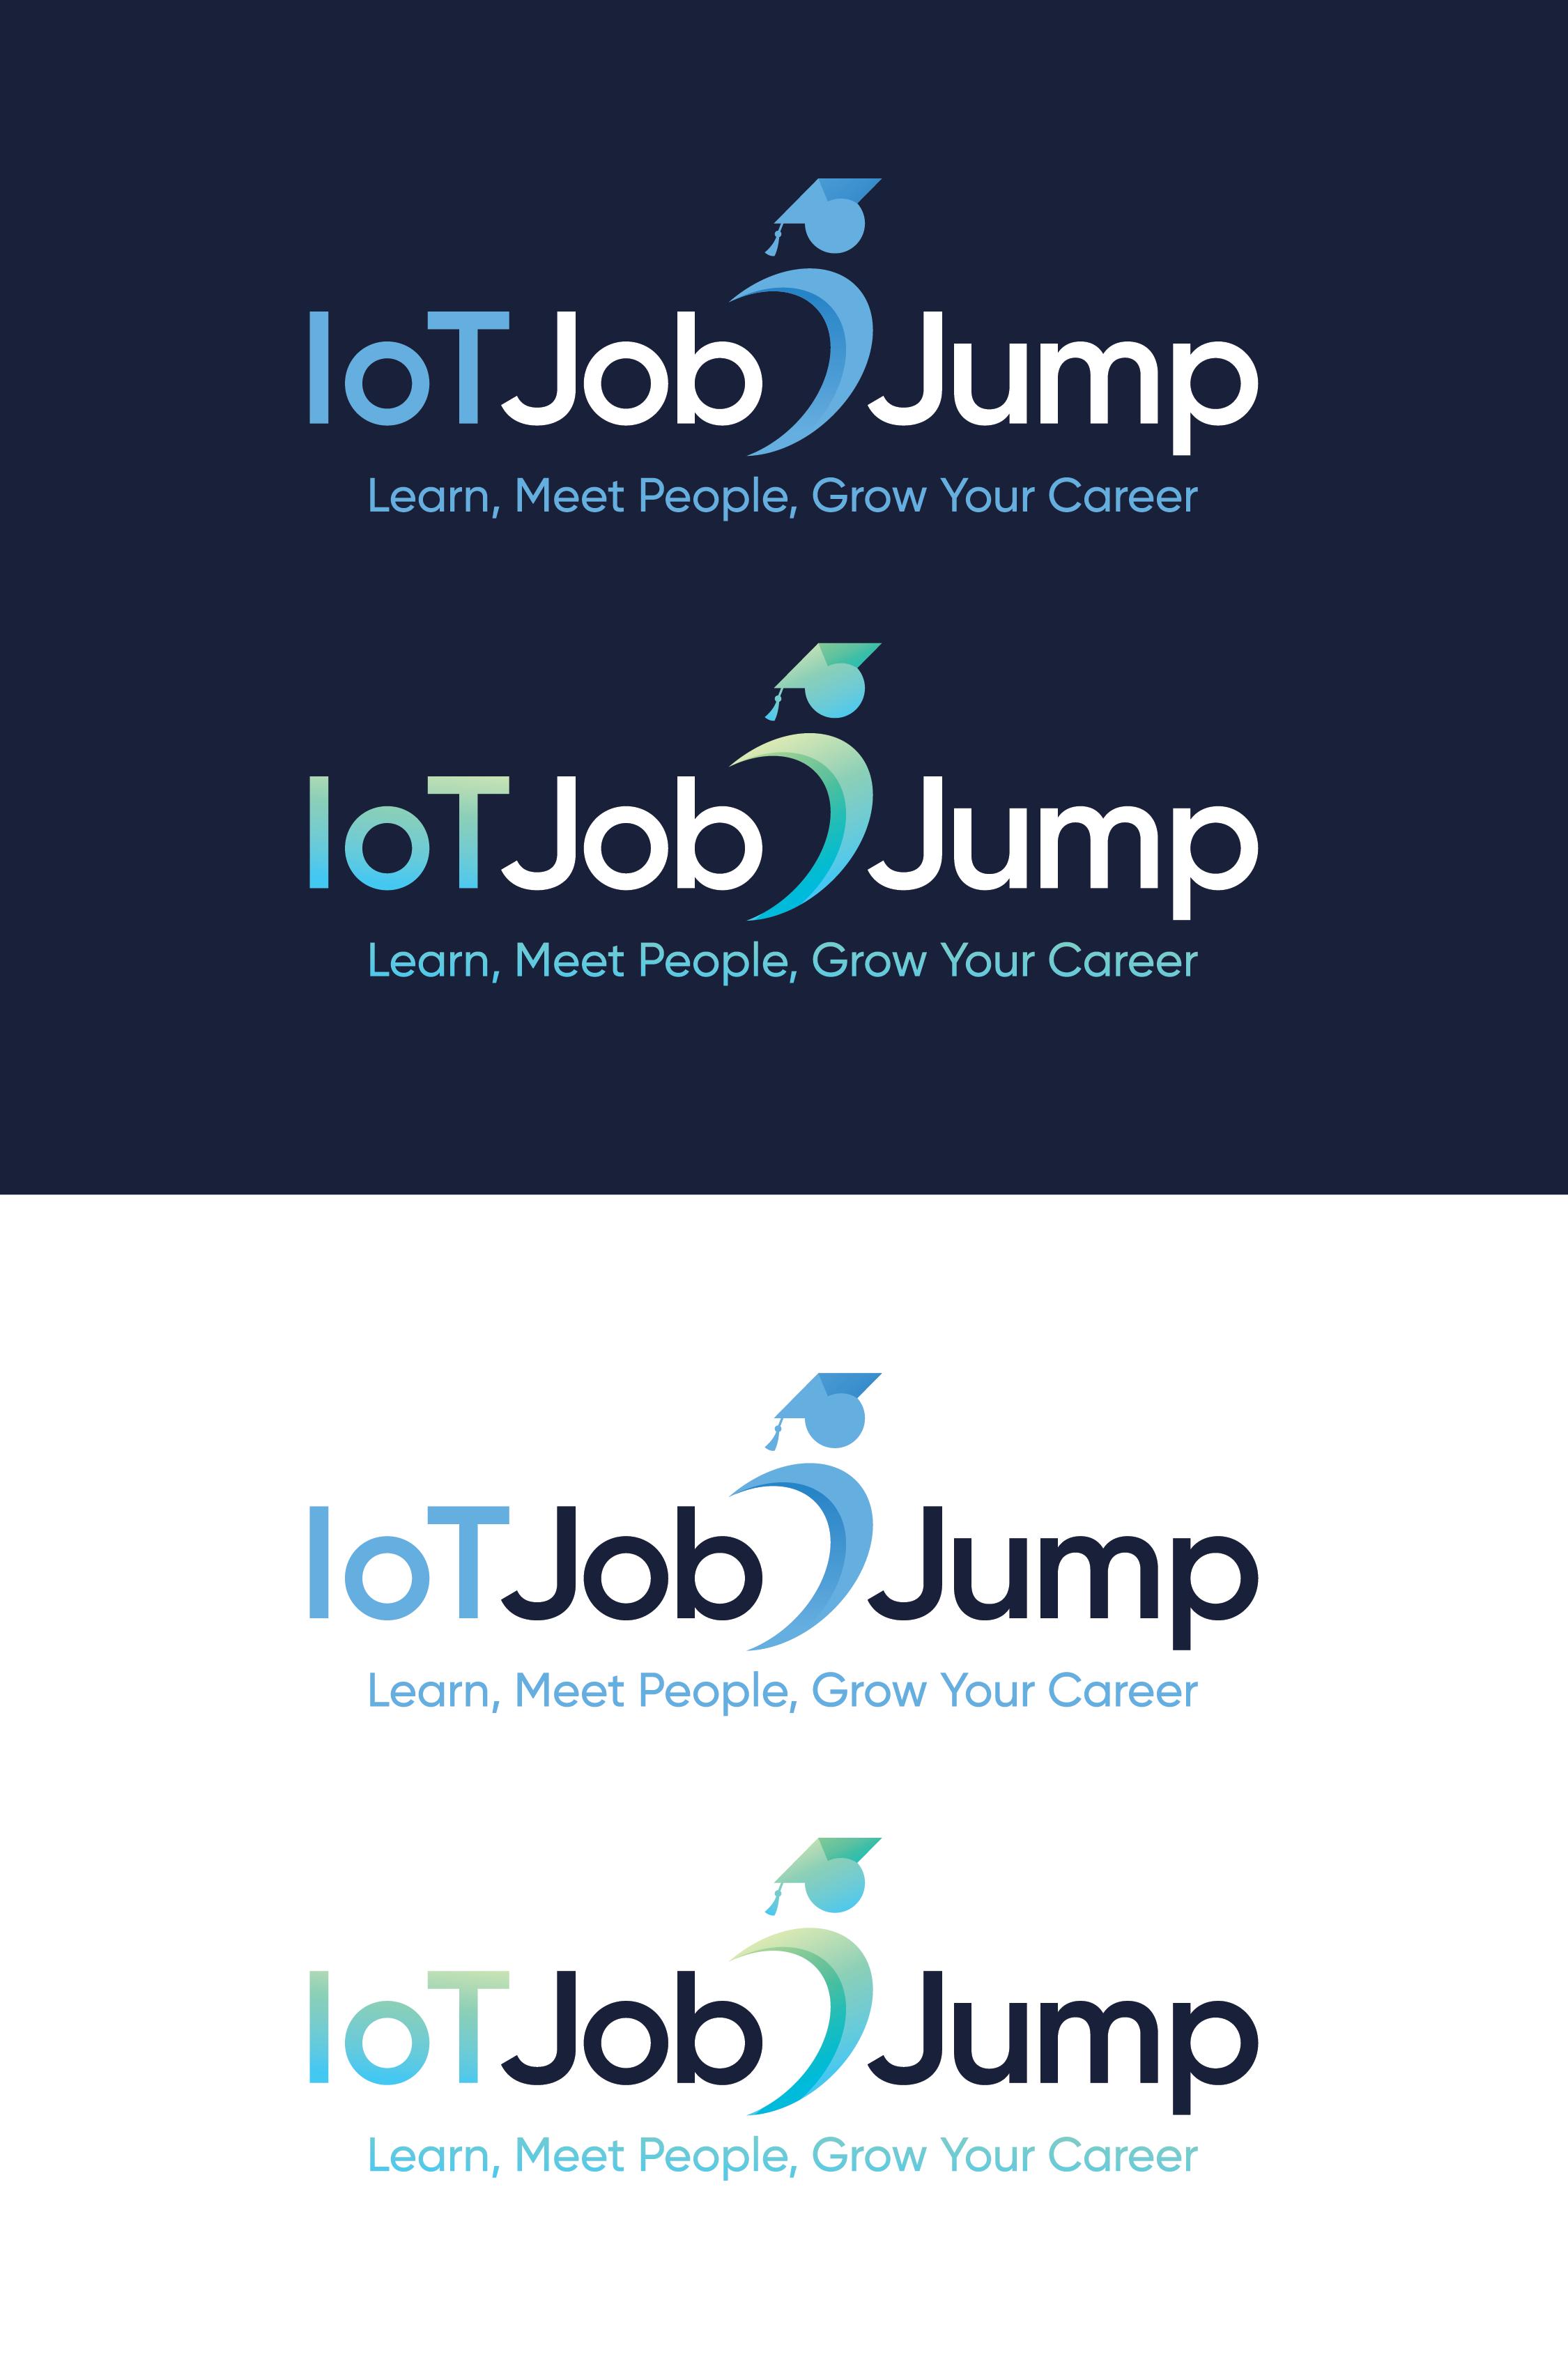 IoT Jobjump